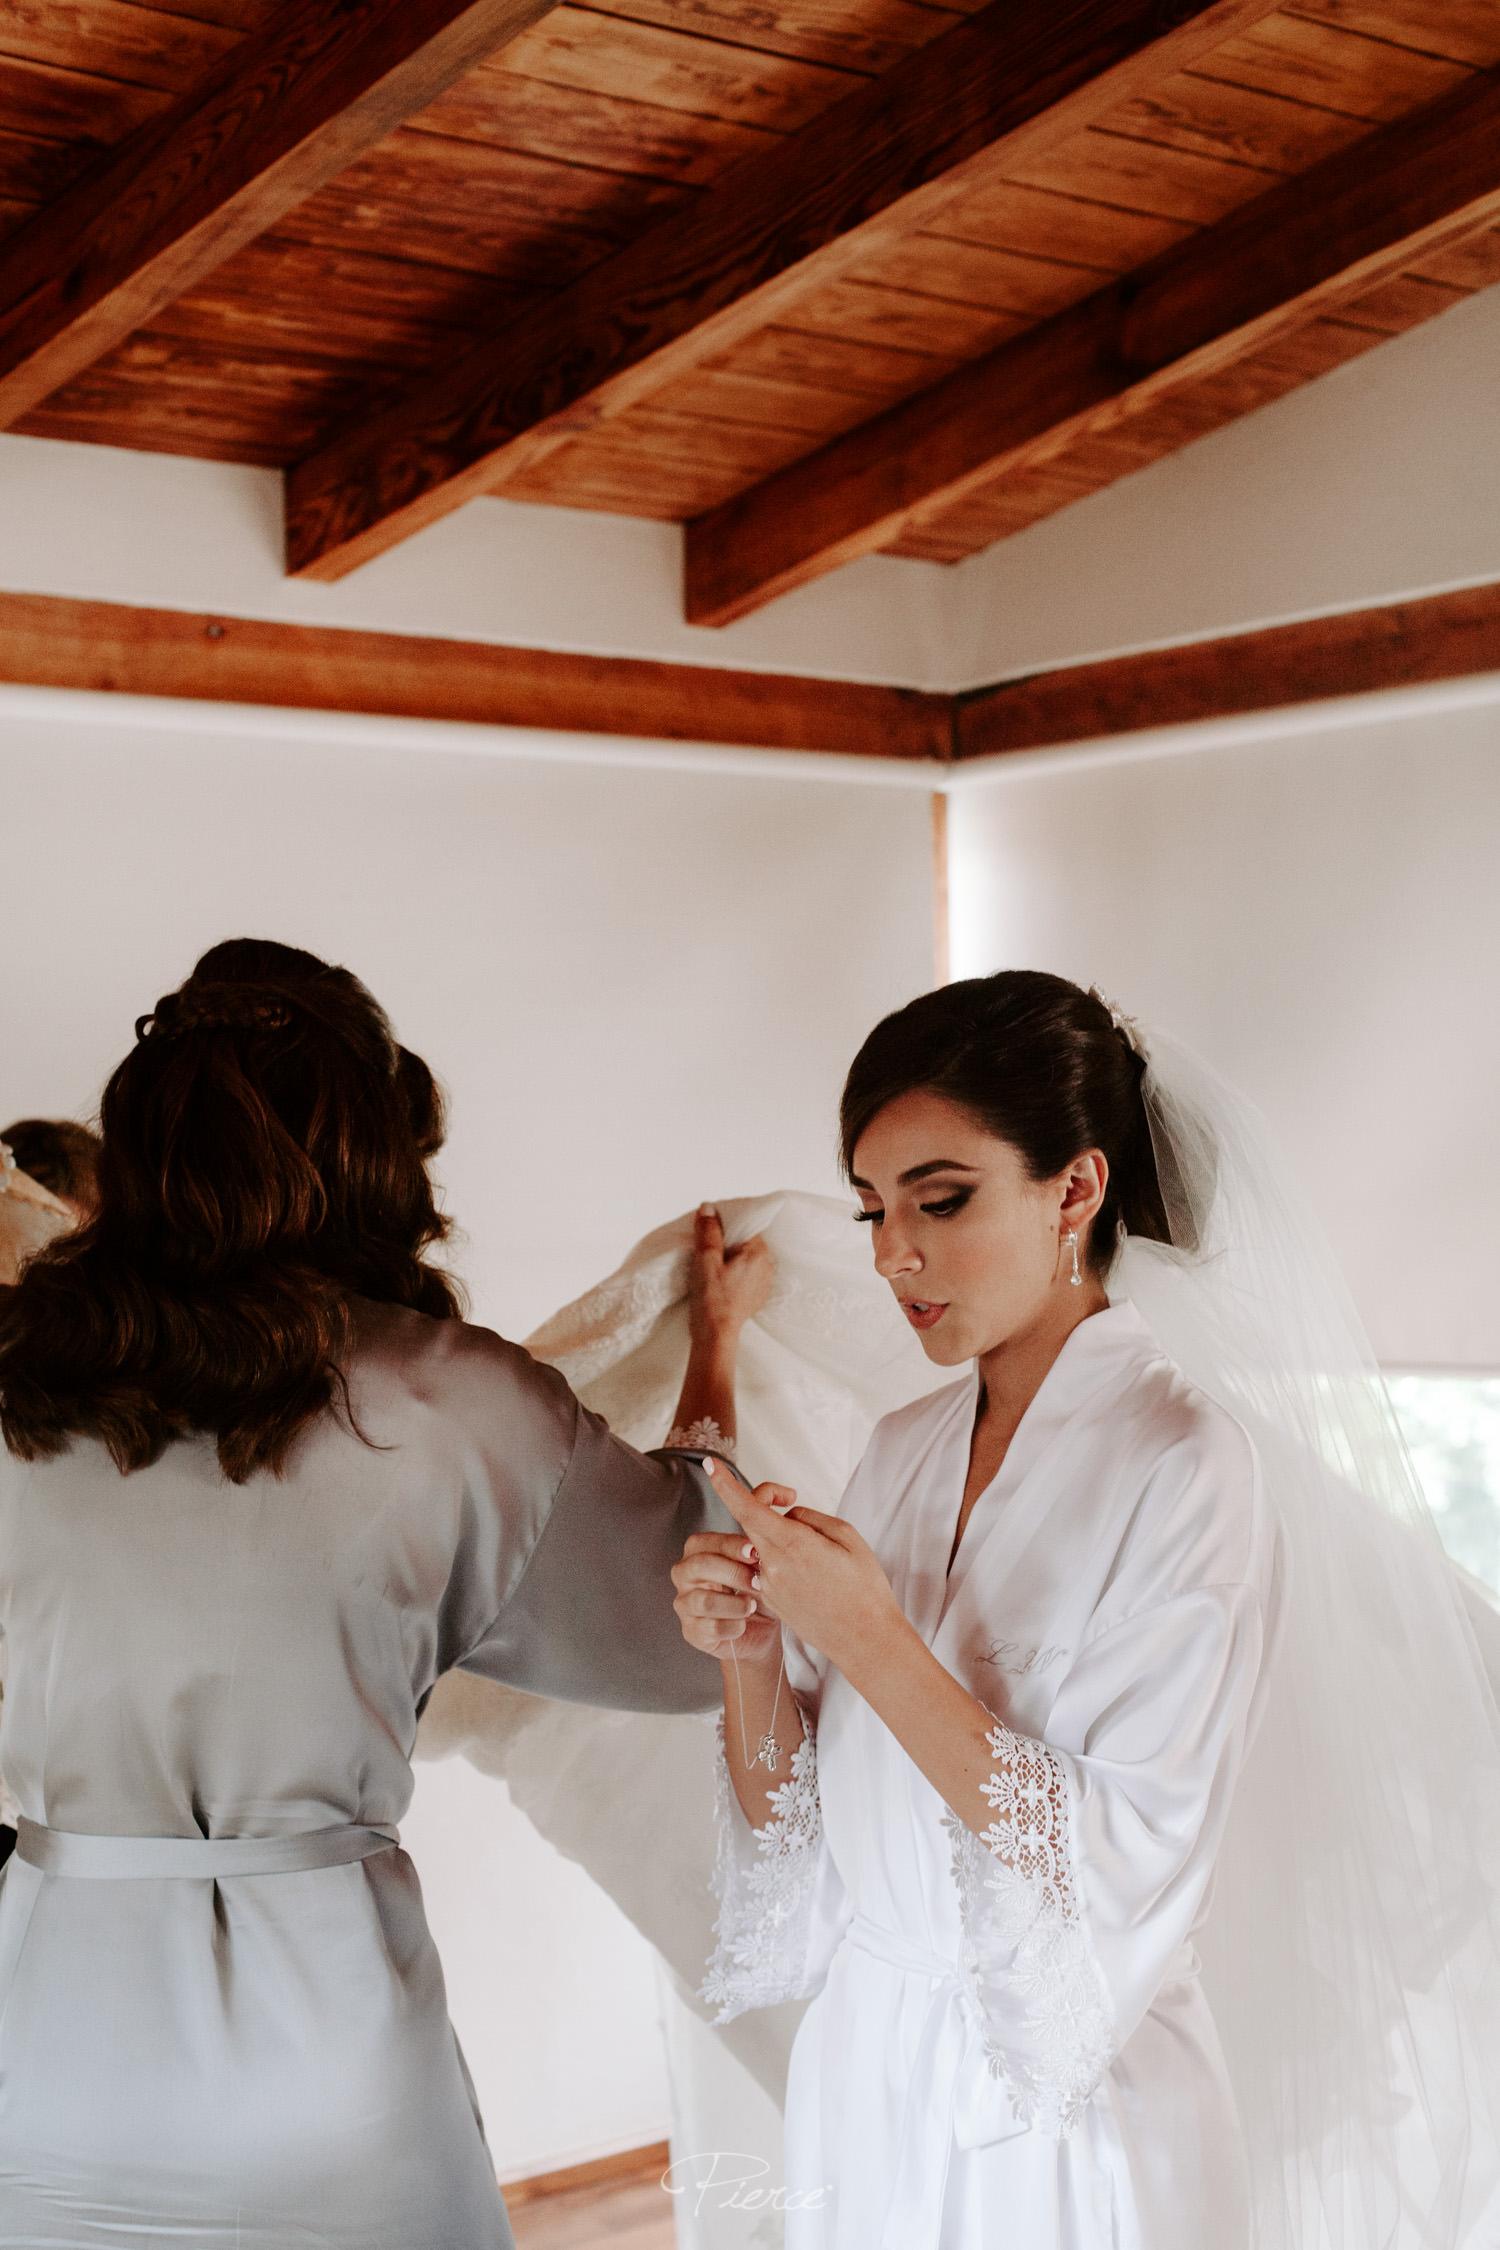 fotografia-de-boda-valle-de-bravo-mexico-rosmarino-pierce-weddings-0232.JPG